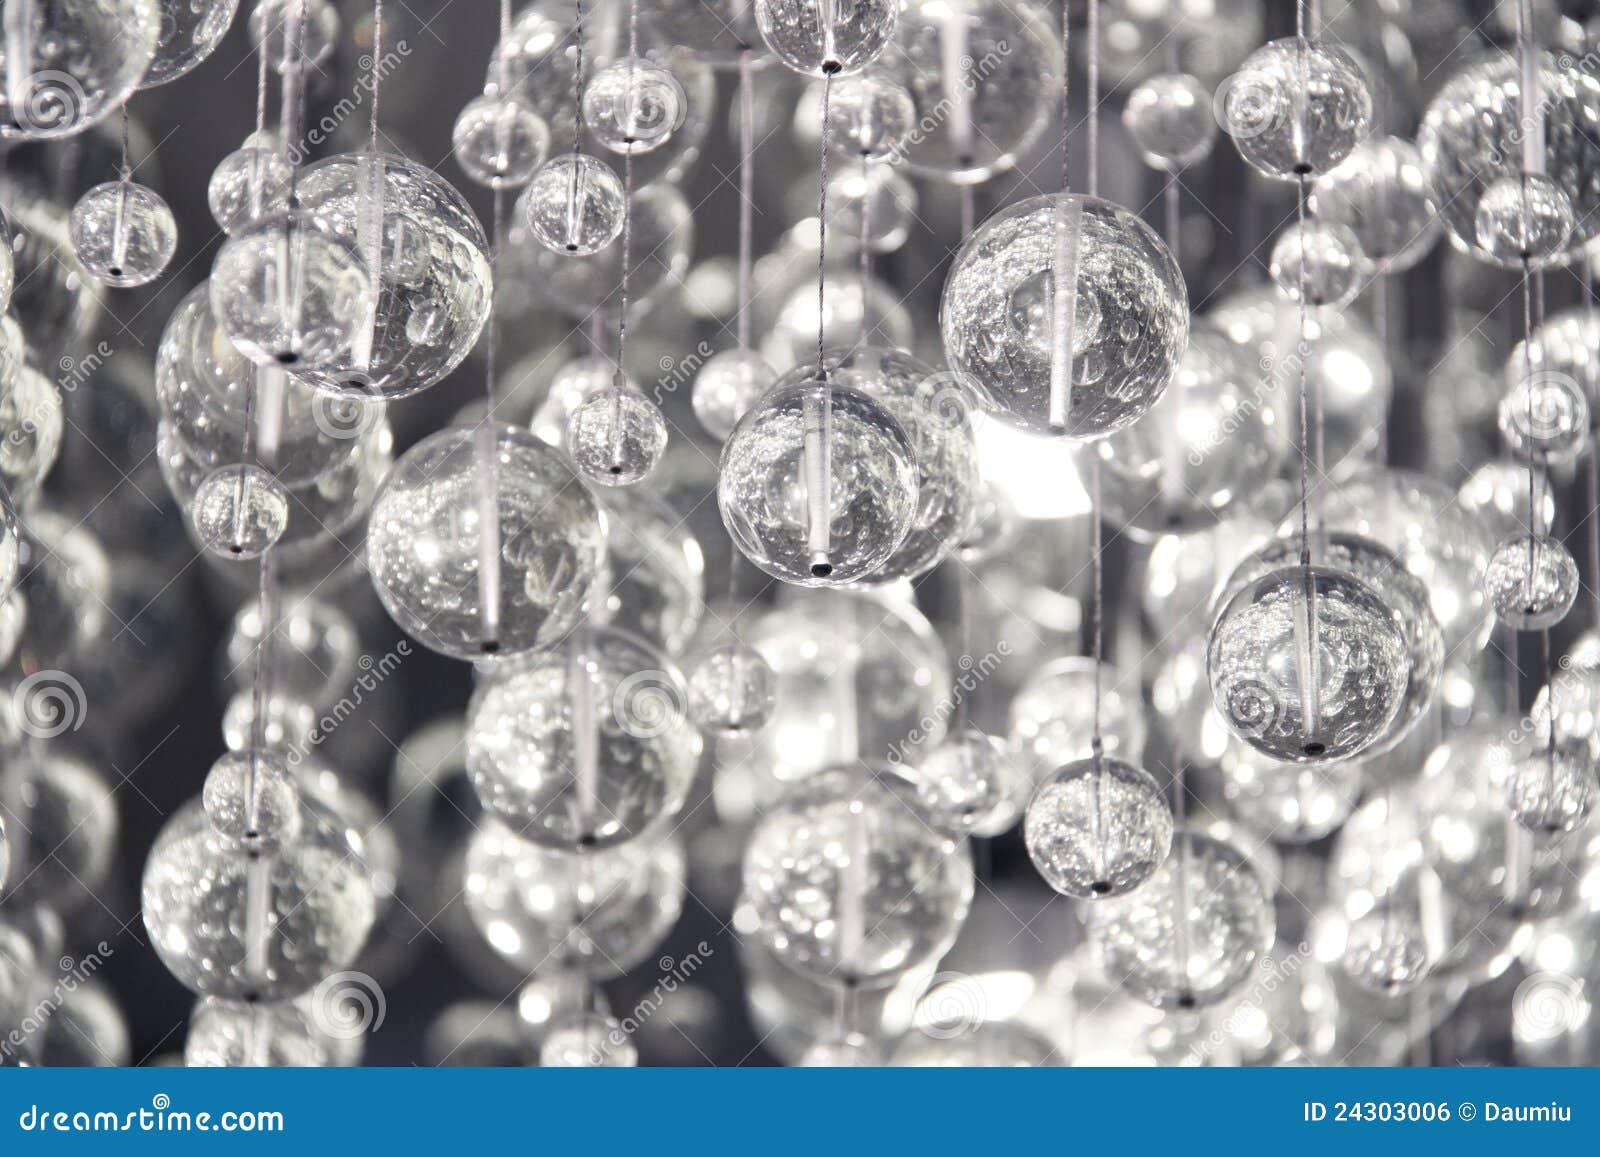 De eigentijdse decoratie van het kristal stock foto afbeelding